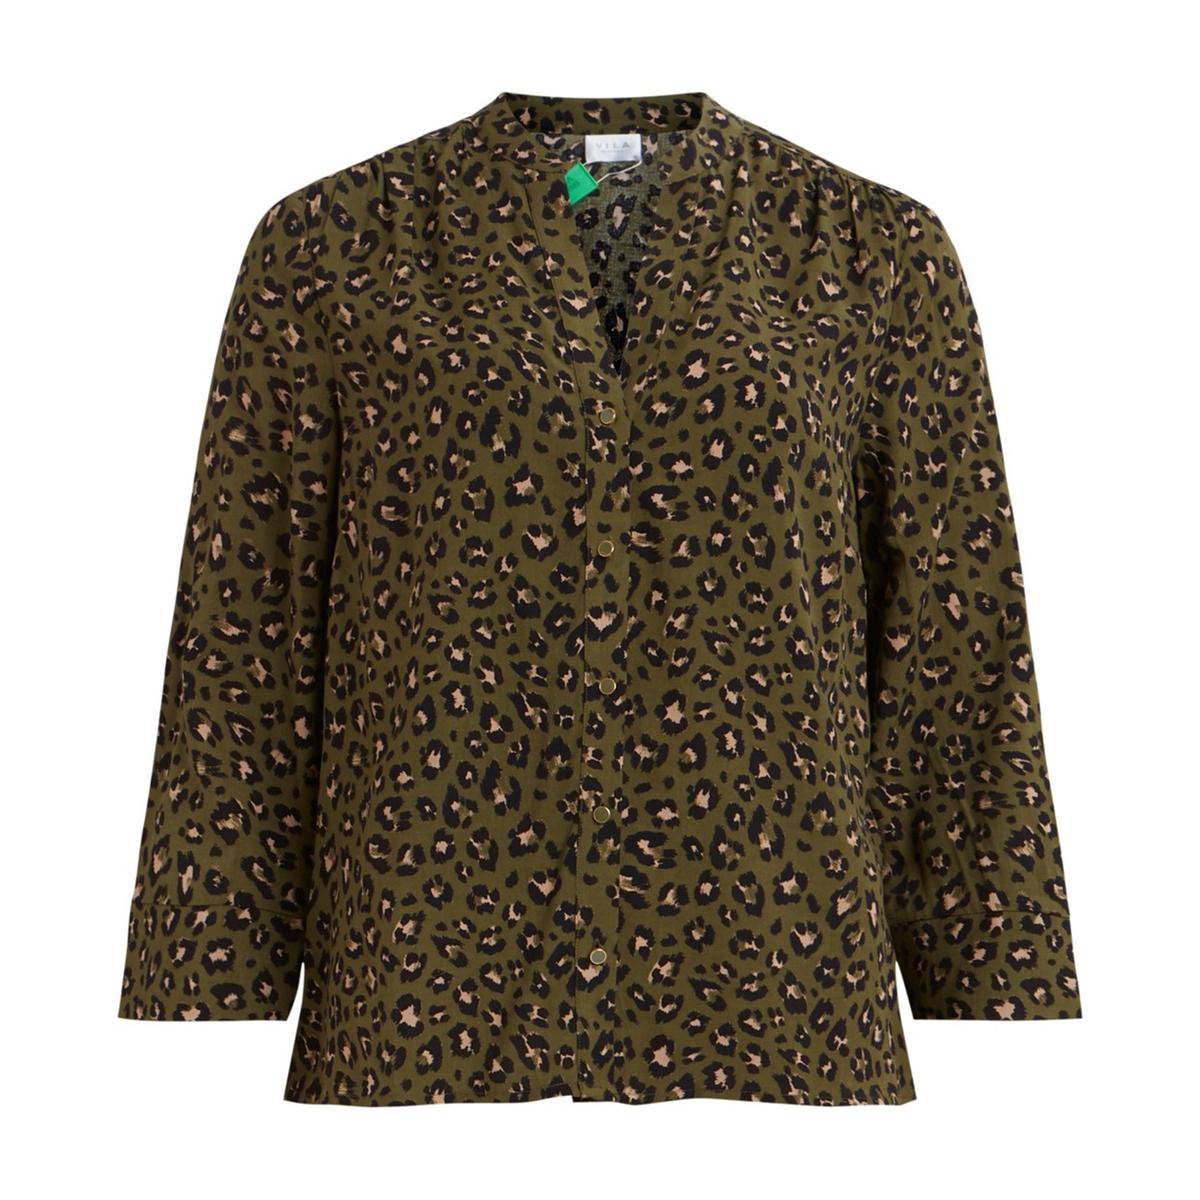 Фото - Блузка La Redoute С рукавами 34 леопардовый принт 34 (FR) - 40 (RUS) зеленый брюки la redoute из денима с высоким поясом 34 fr 40 rus зеленый